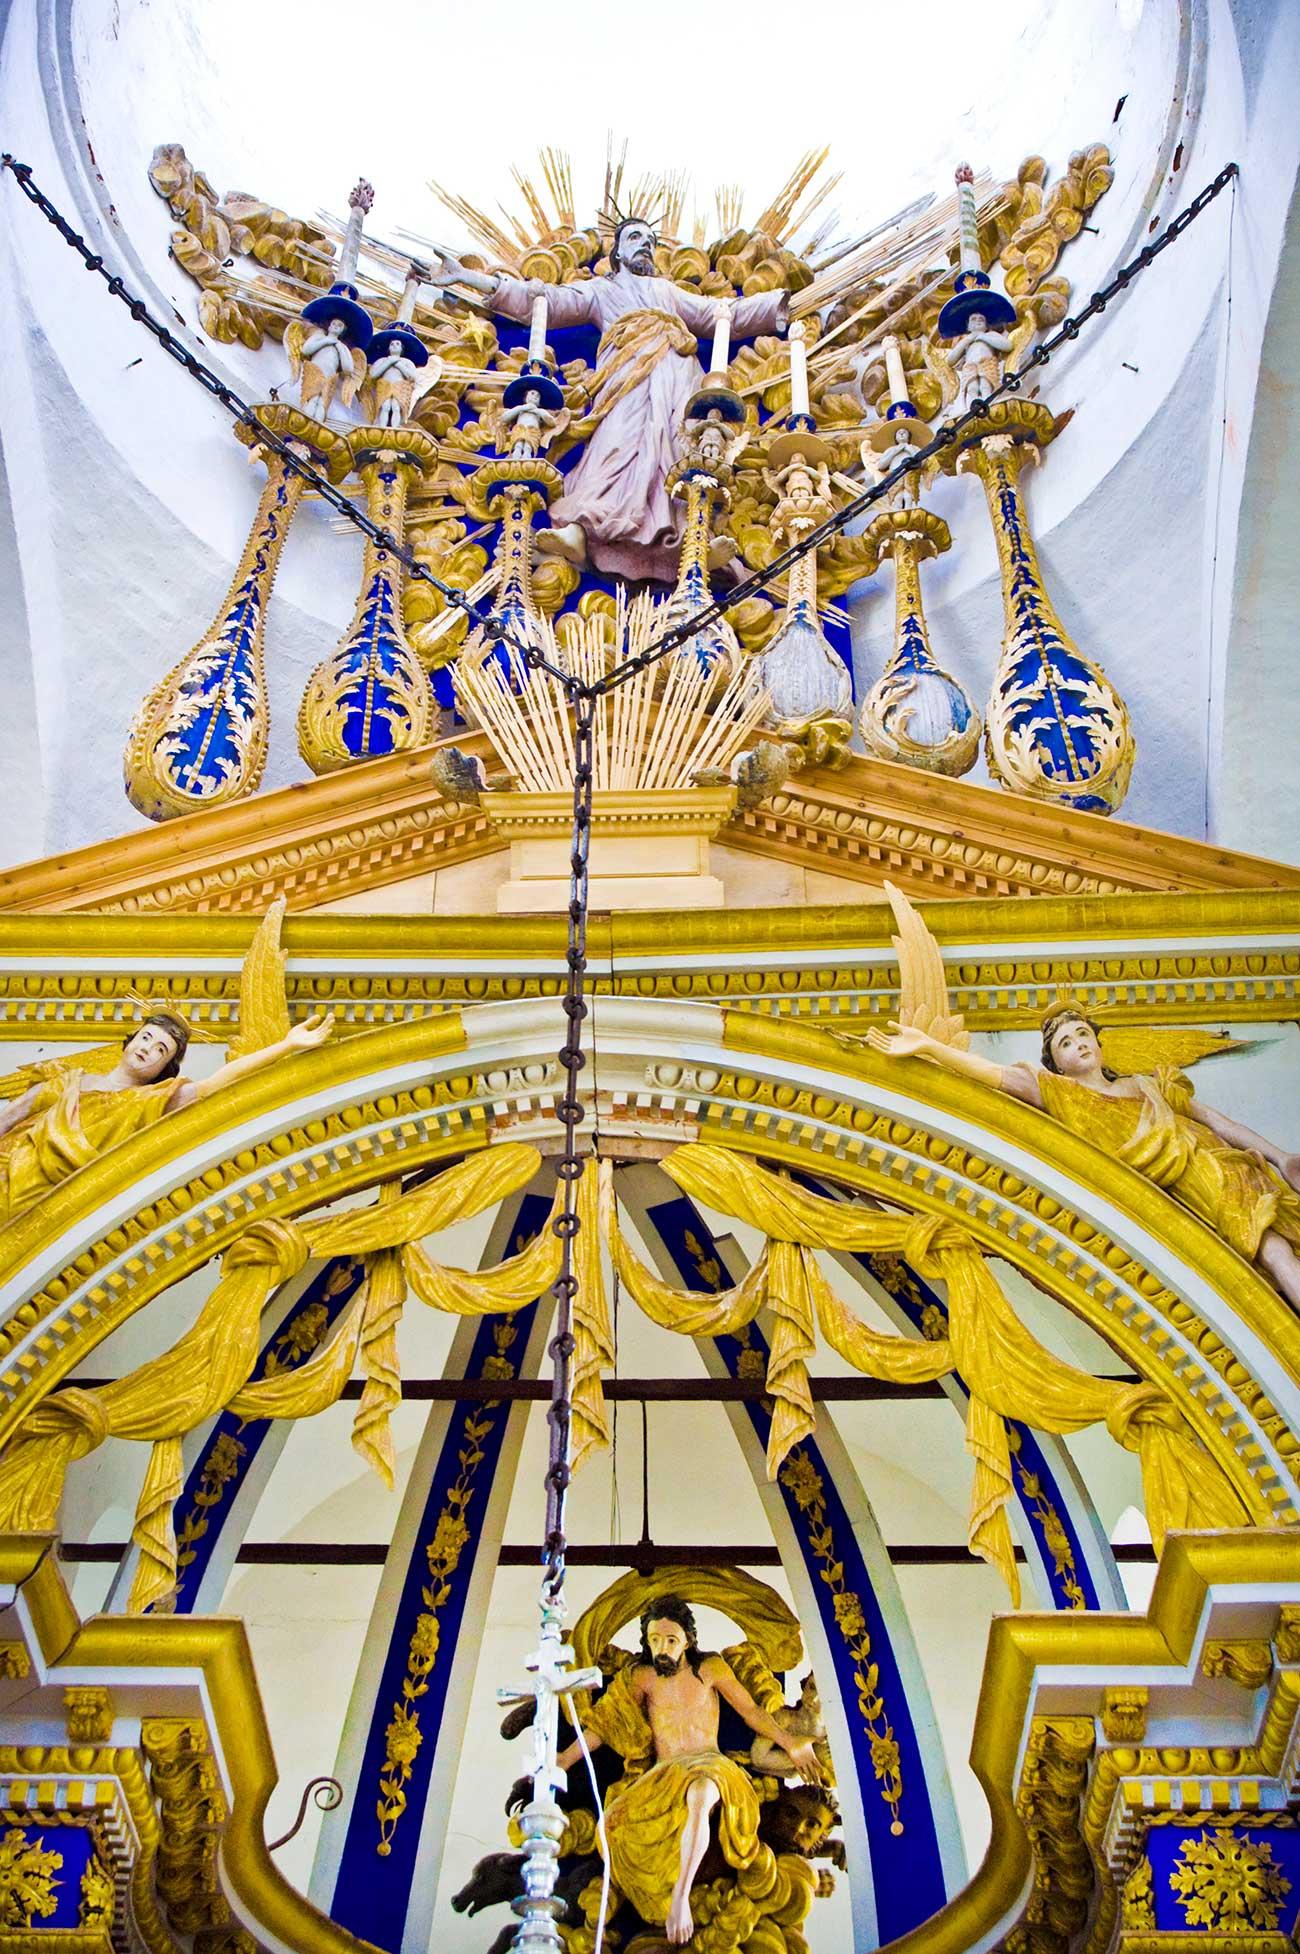 Cattedrale della Trasfigurazione di Belozersk, sezione superiore dell'iconostasi, Cristo con i simboli degli evangelisti e Ascensione di Cristo, agosto 2009. Fonte: William Brumfield